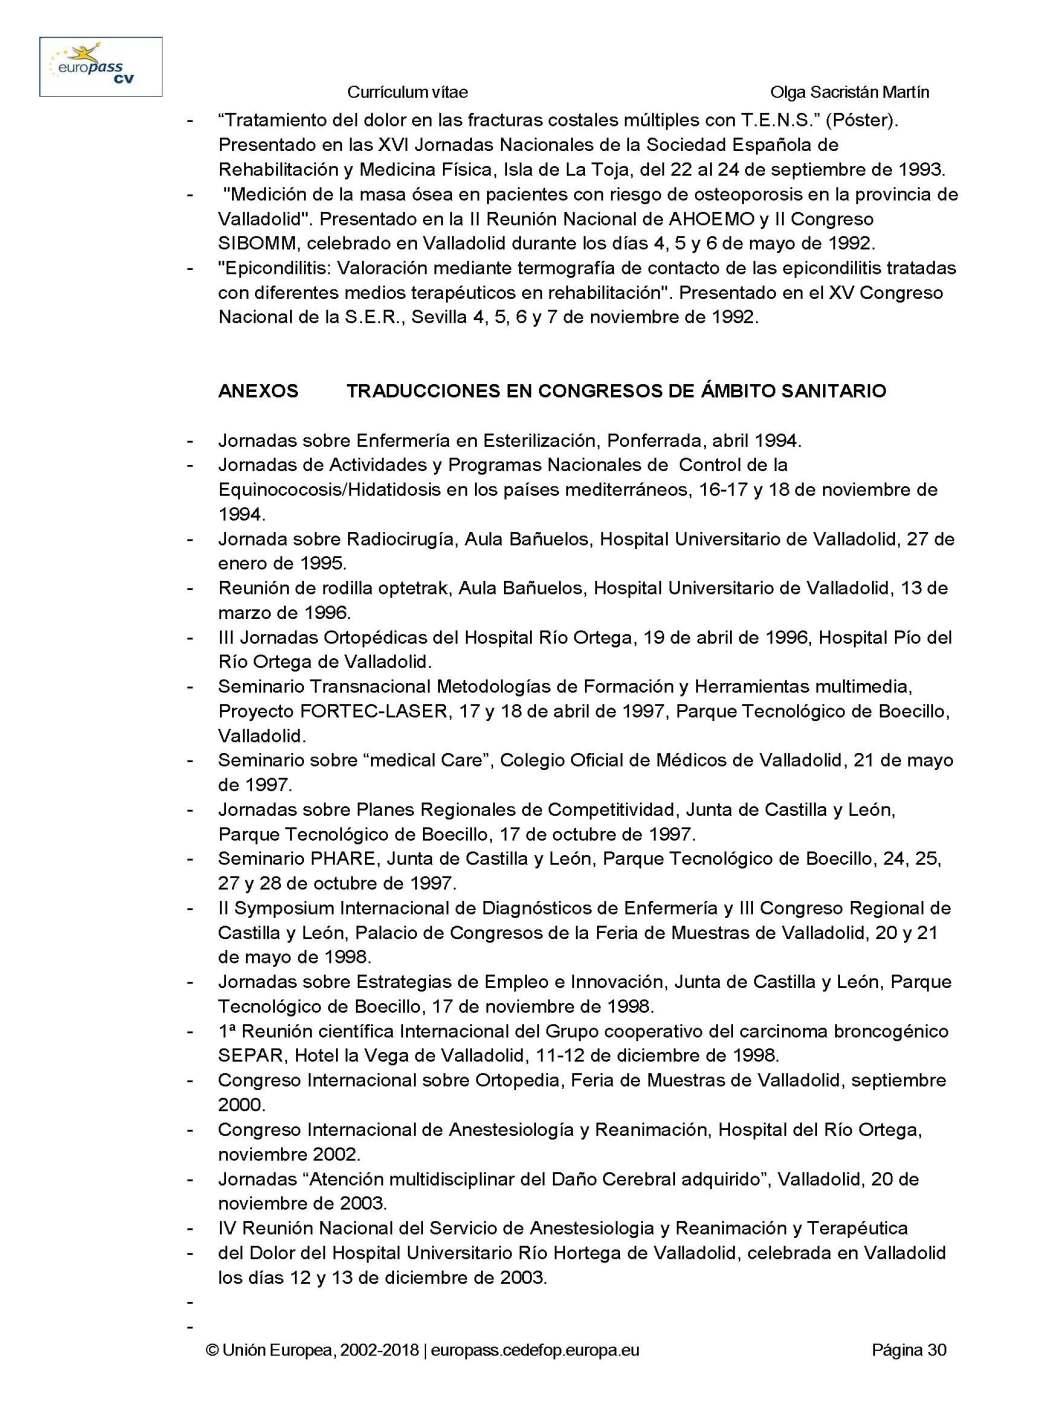 CURRICULUM EUROPASS DRA. OLGA SACRISTAN 2019_Página_30